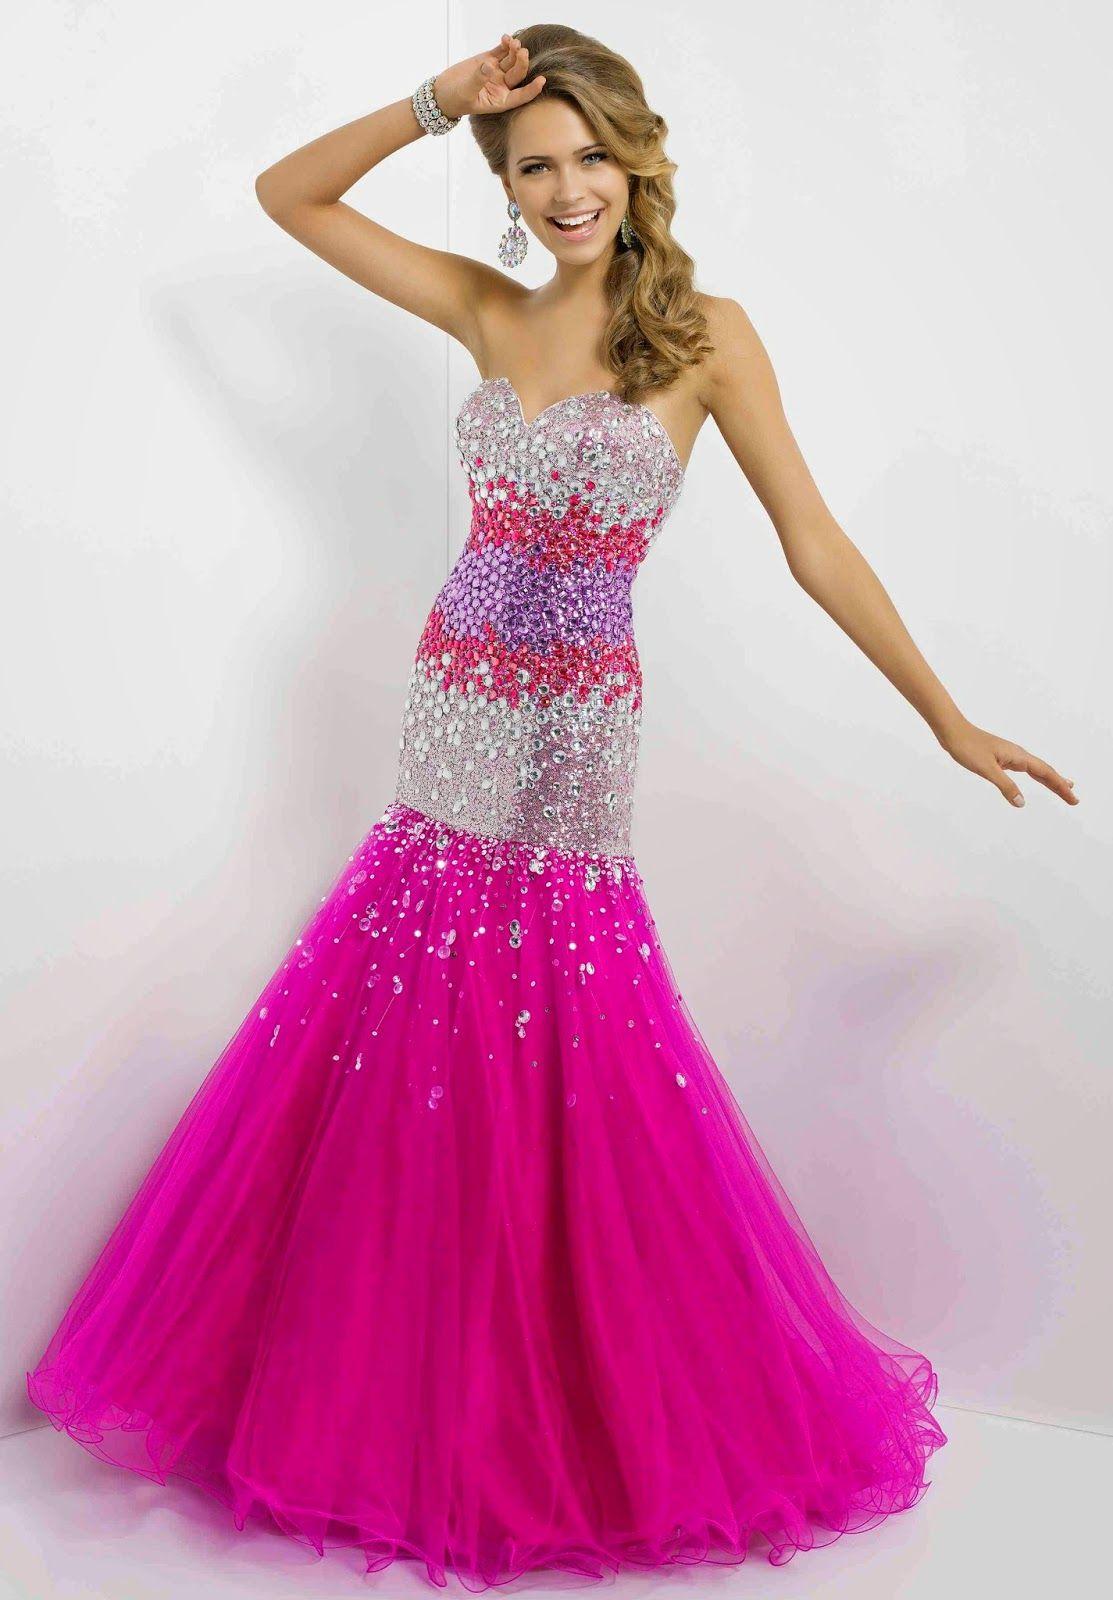 Atractivos vestidos de fiesta | Viste la moda y disfruta de hermosos ...